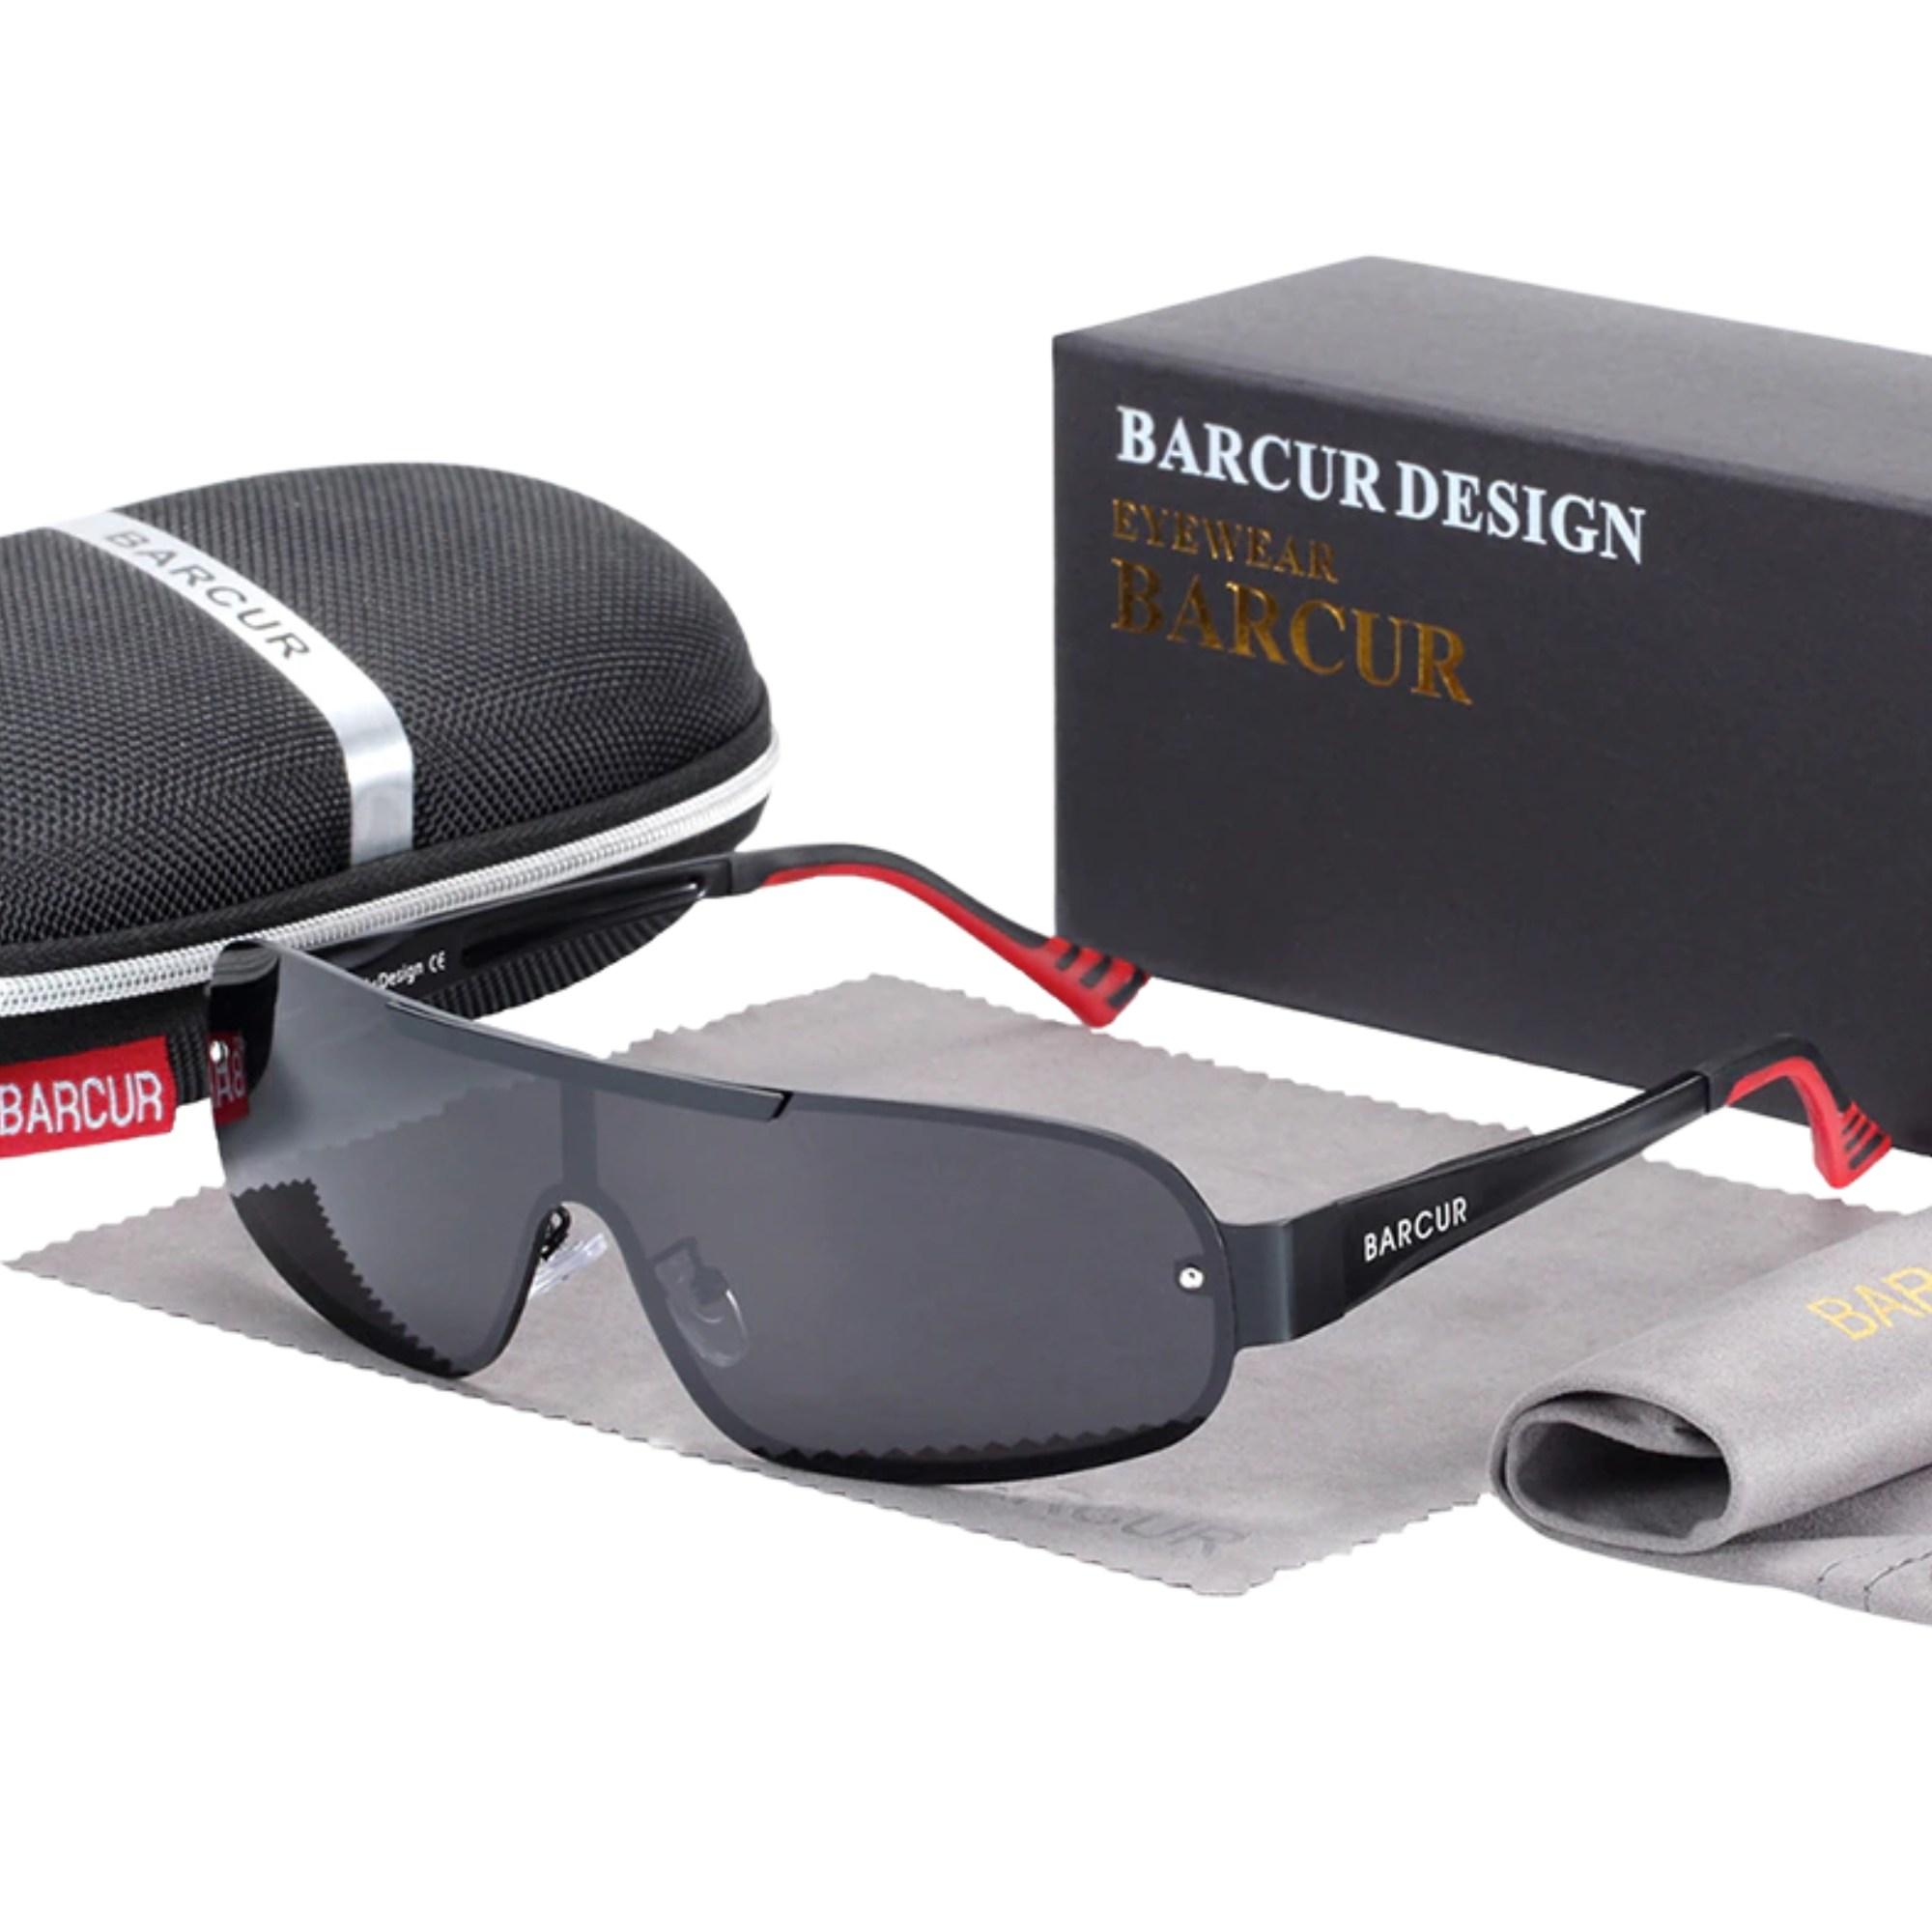 Óculos de Sol Unisex Espelhado Lente Polarizada UV400 - Importado Original Barcur